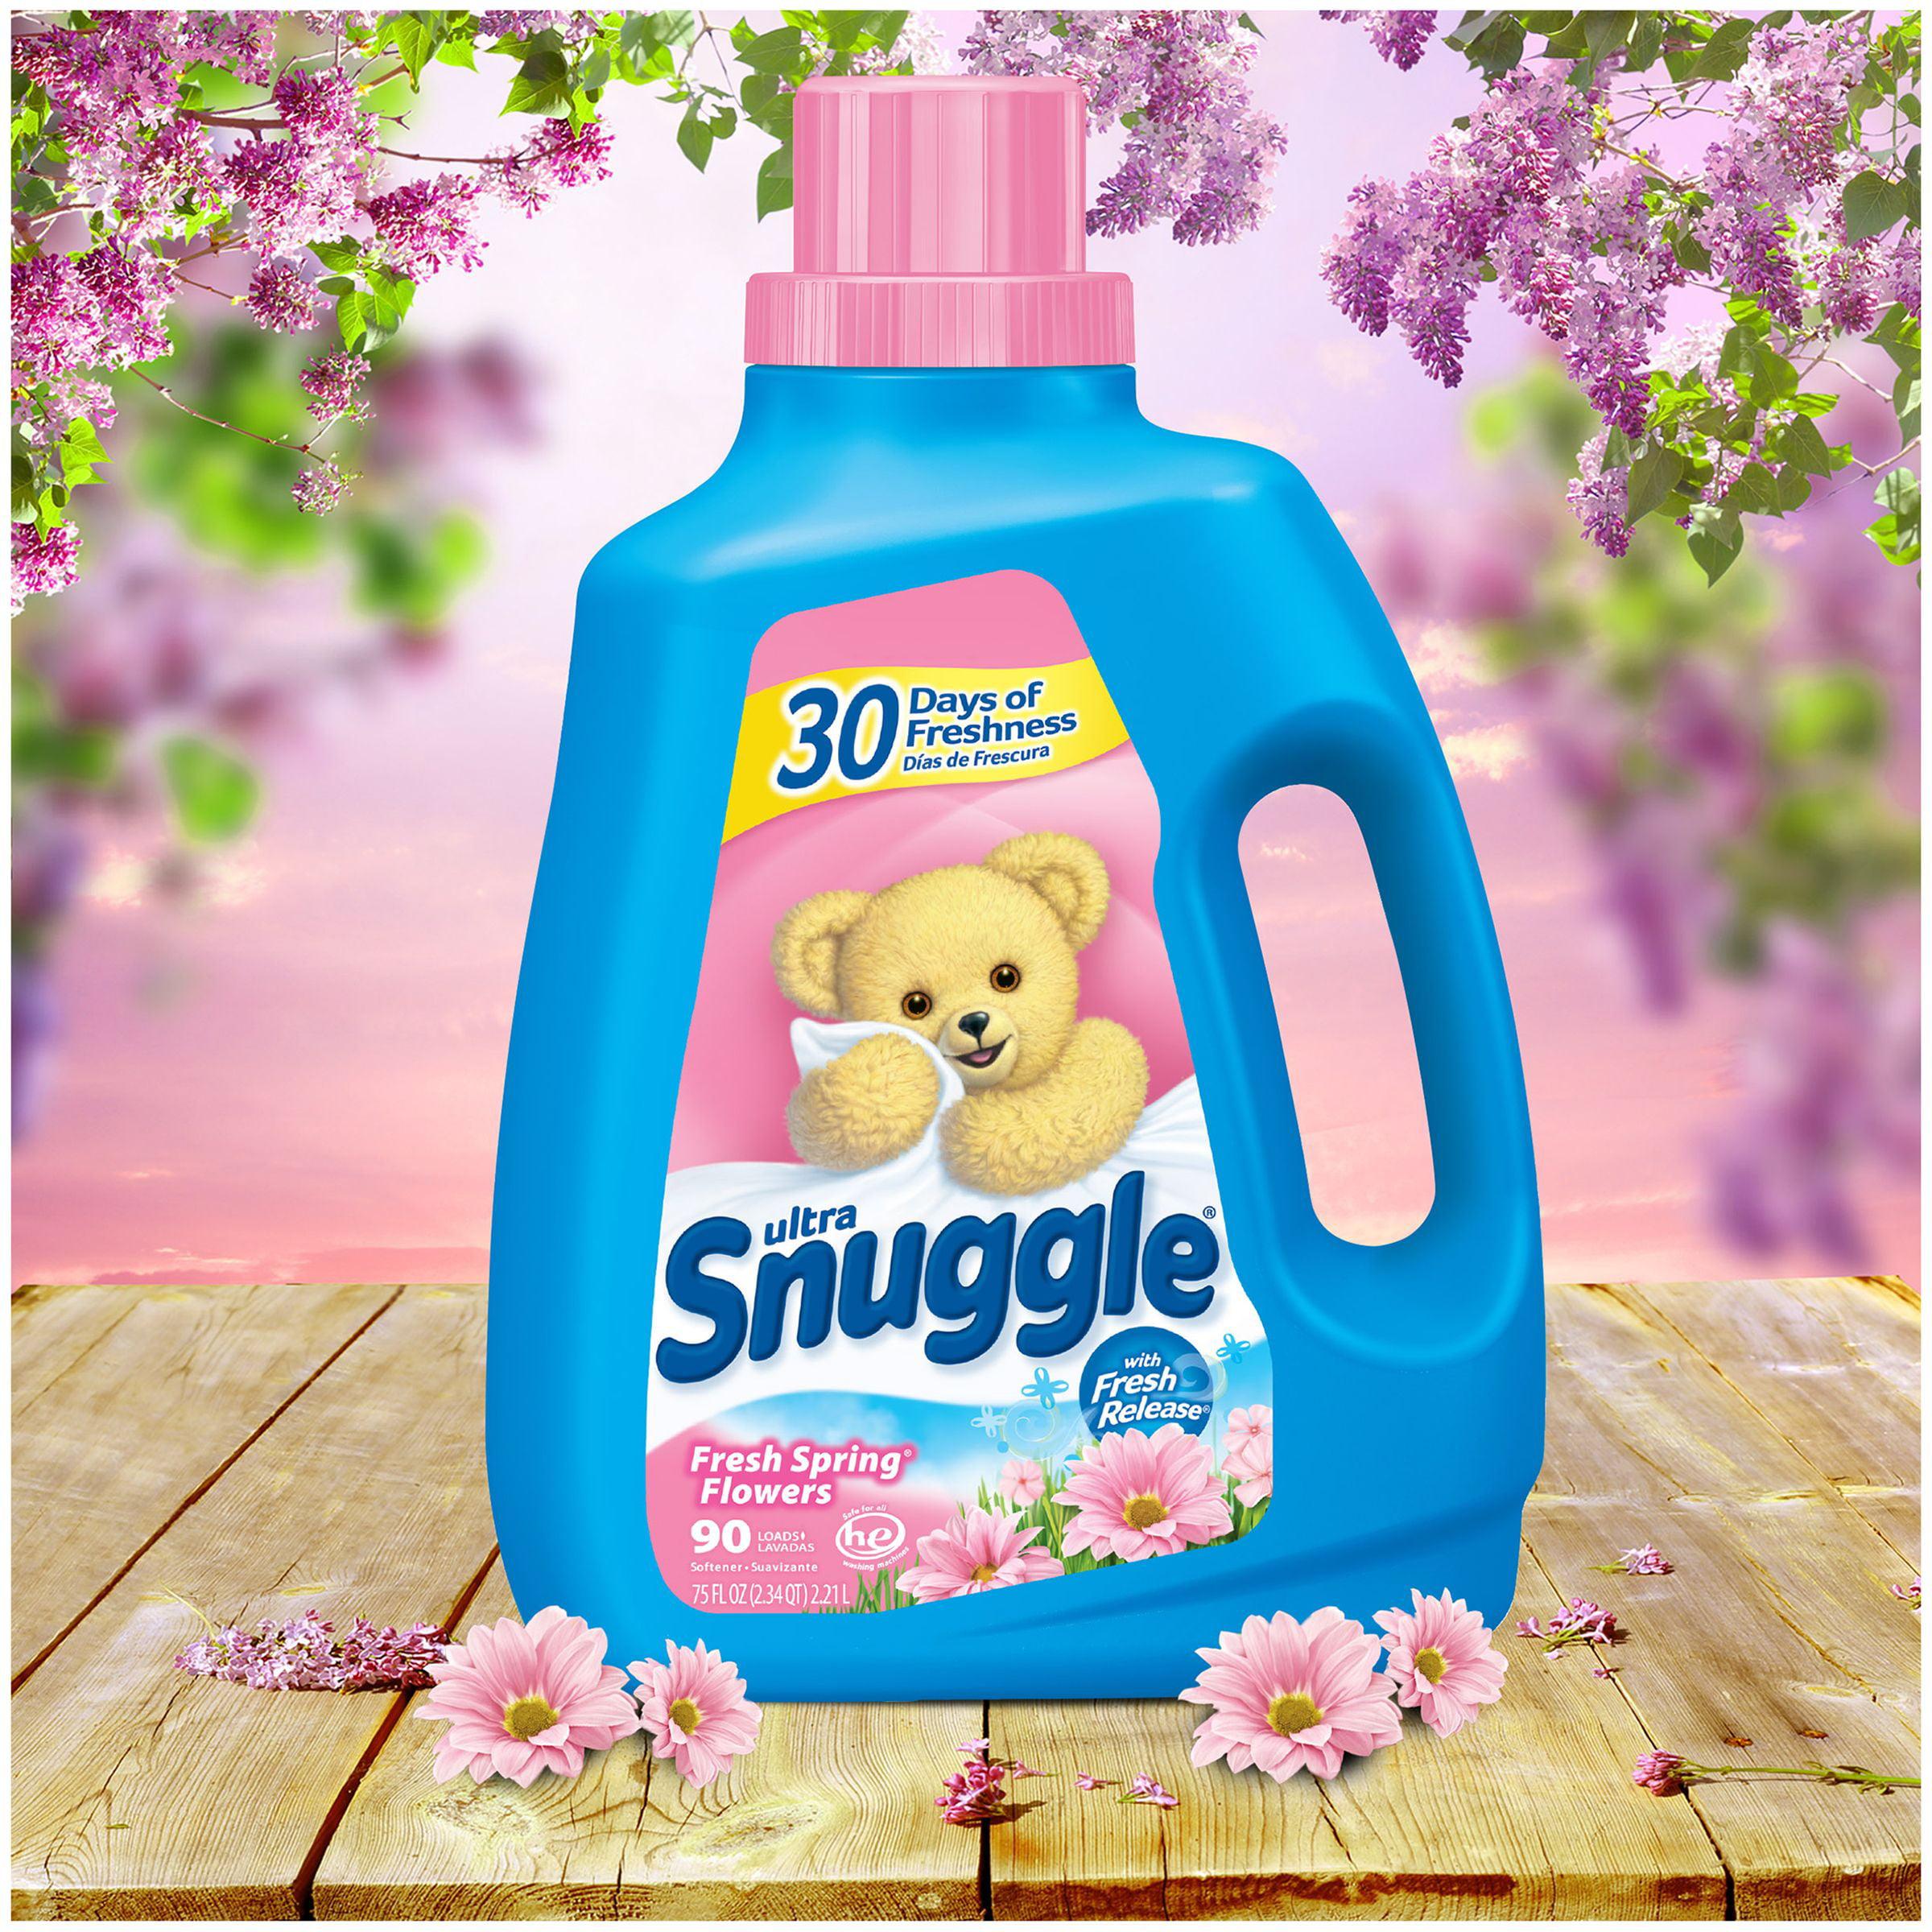 5a61928870 Snuggle Liquid Fabric Softener